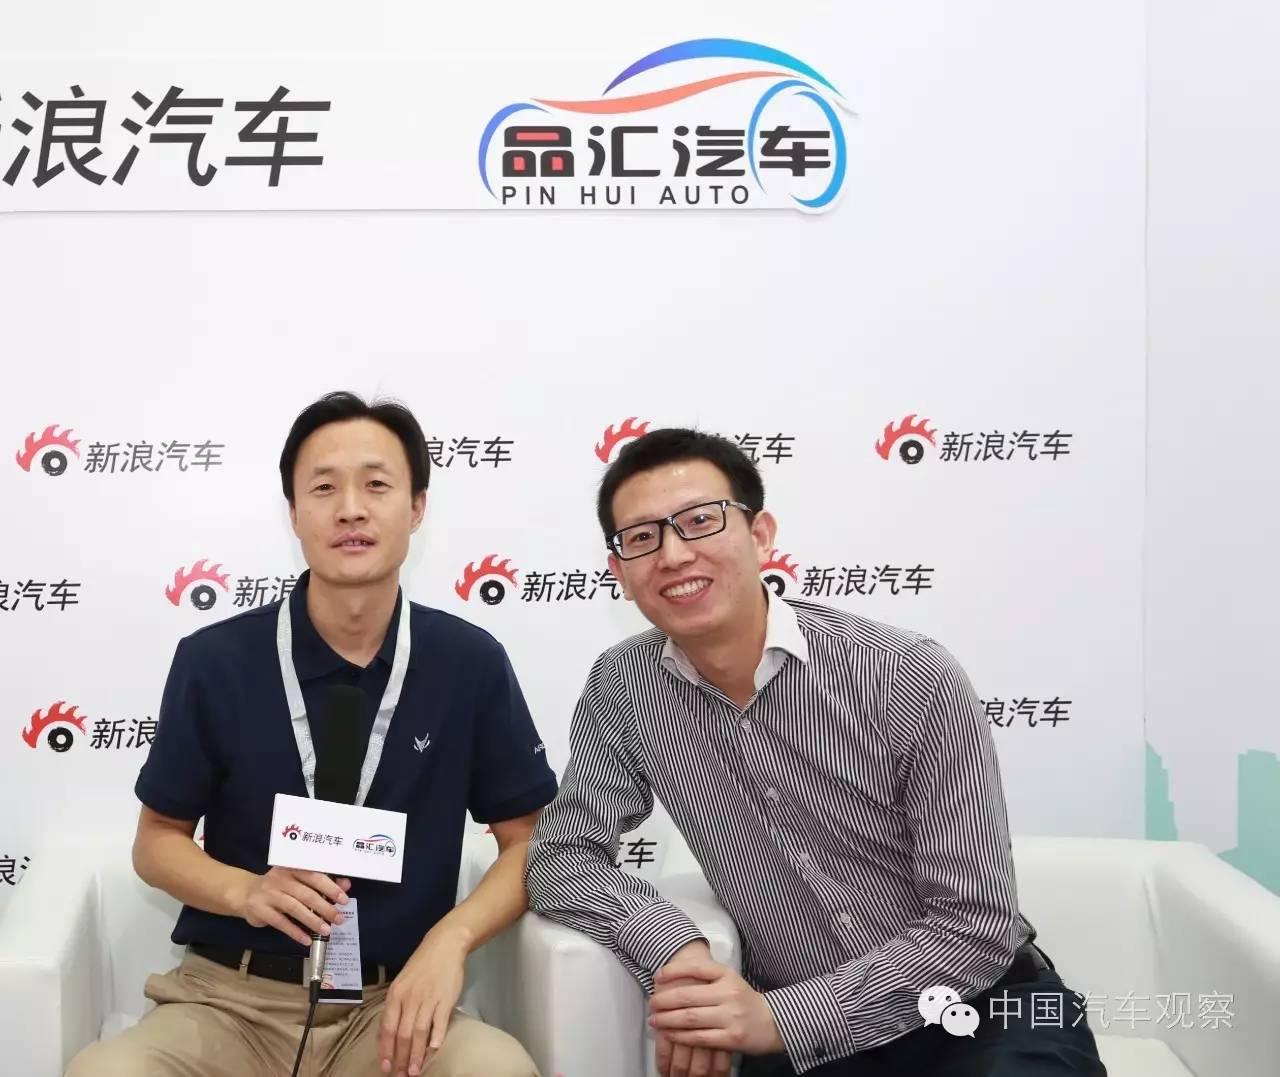 张勇:北汽新能源要实现多渠道、多面化市场布局